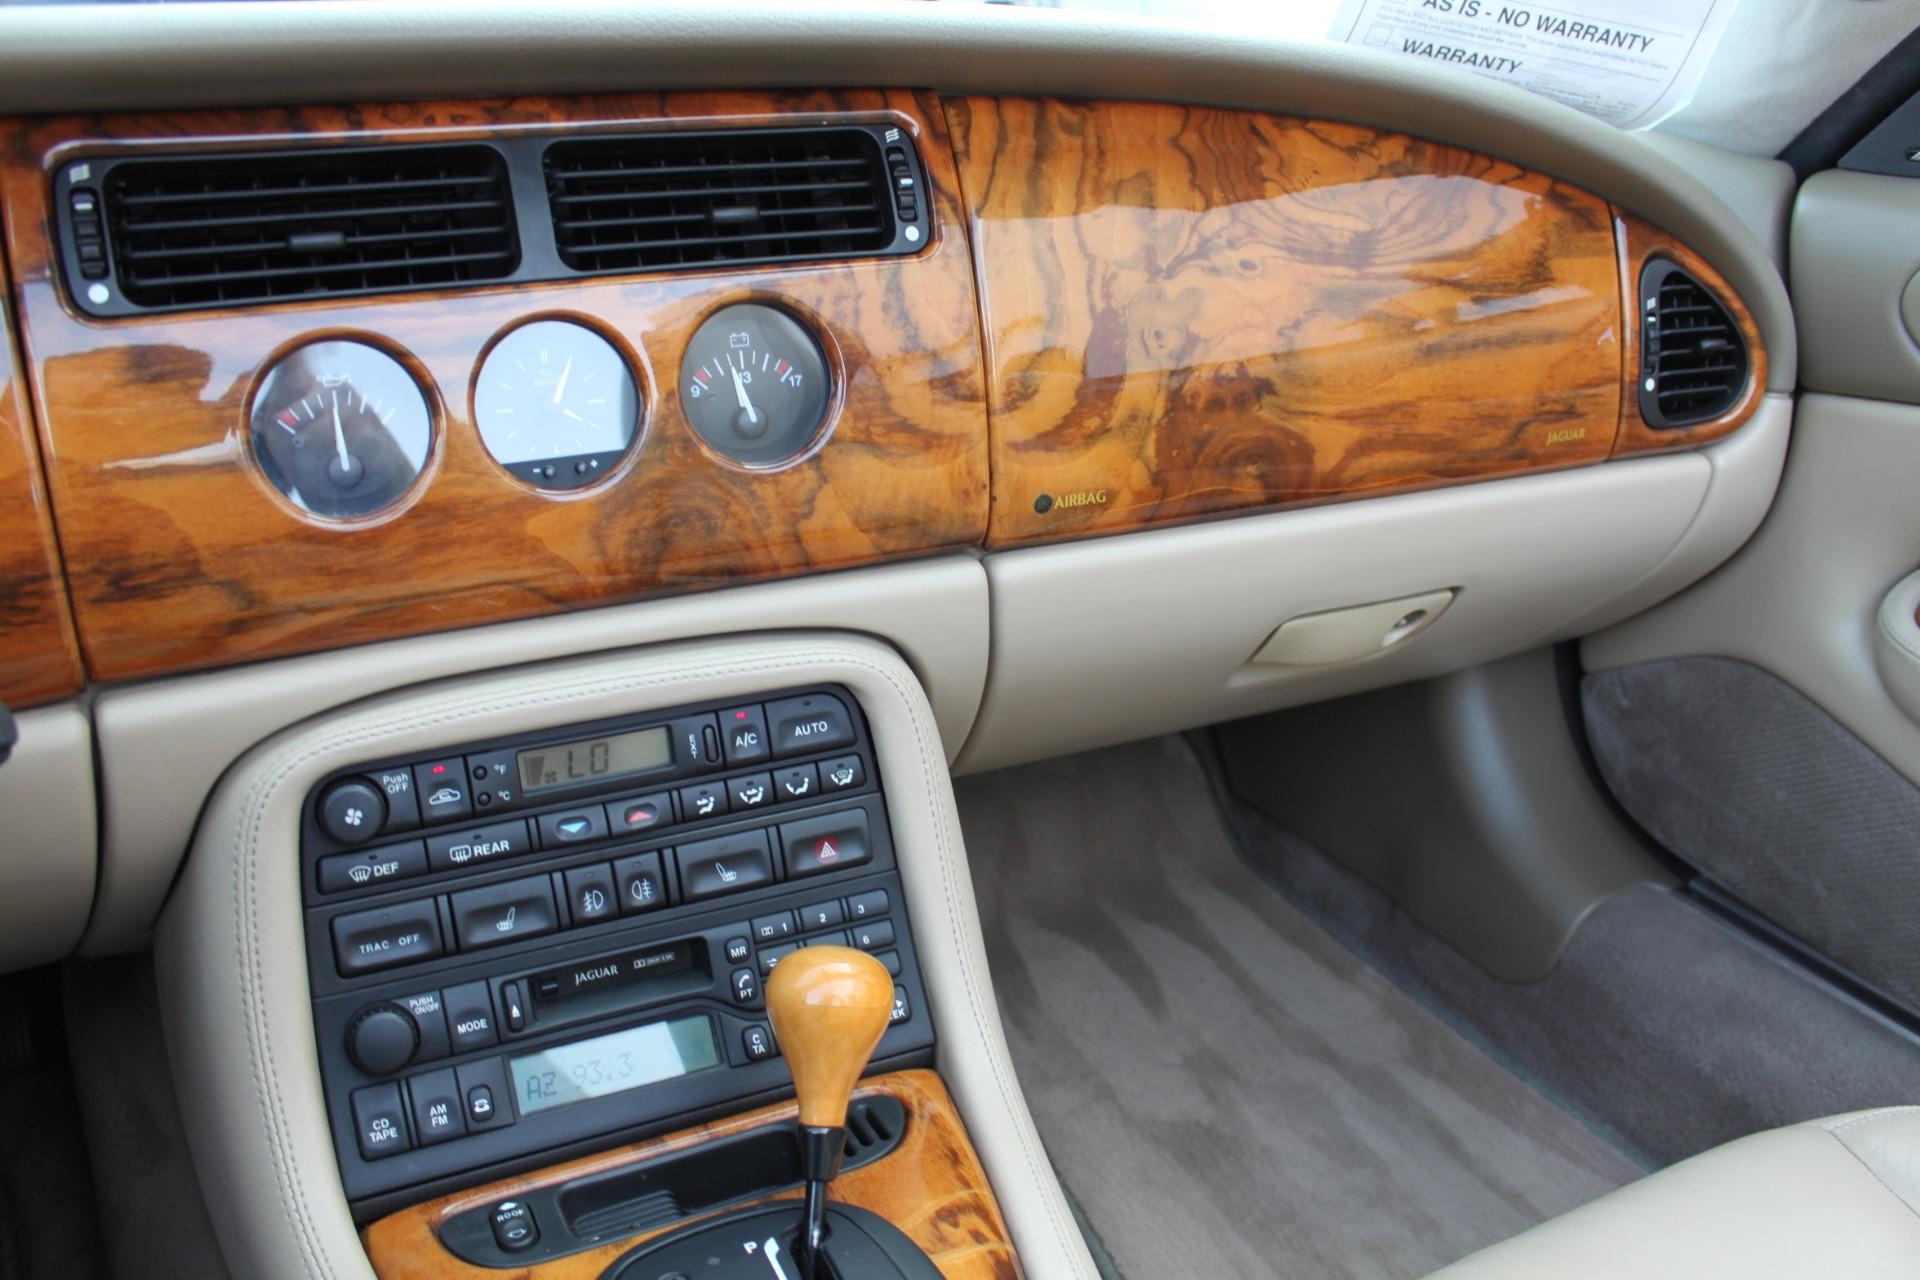 Used-2002-Jaguar-XK8-Convertible-XK8-Range-Rover